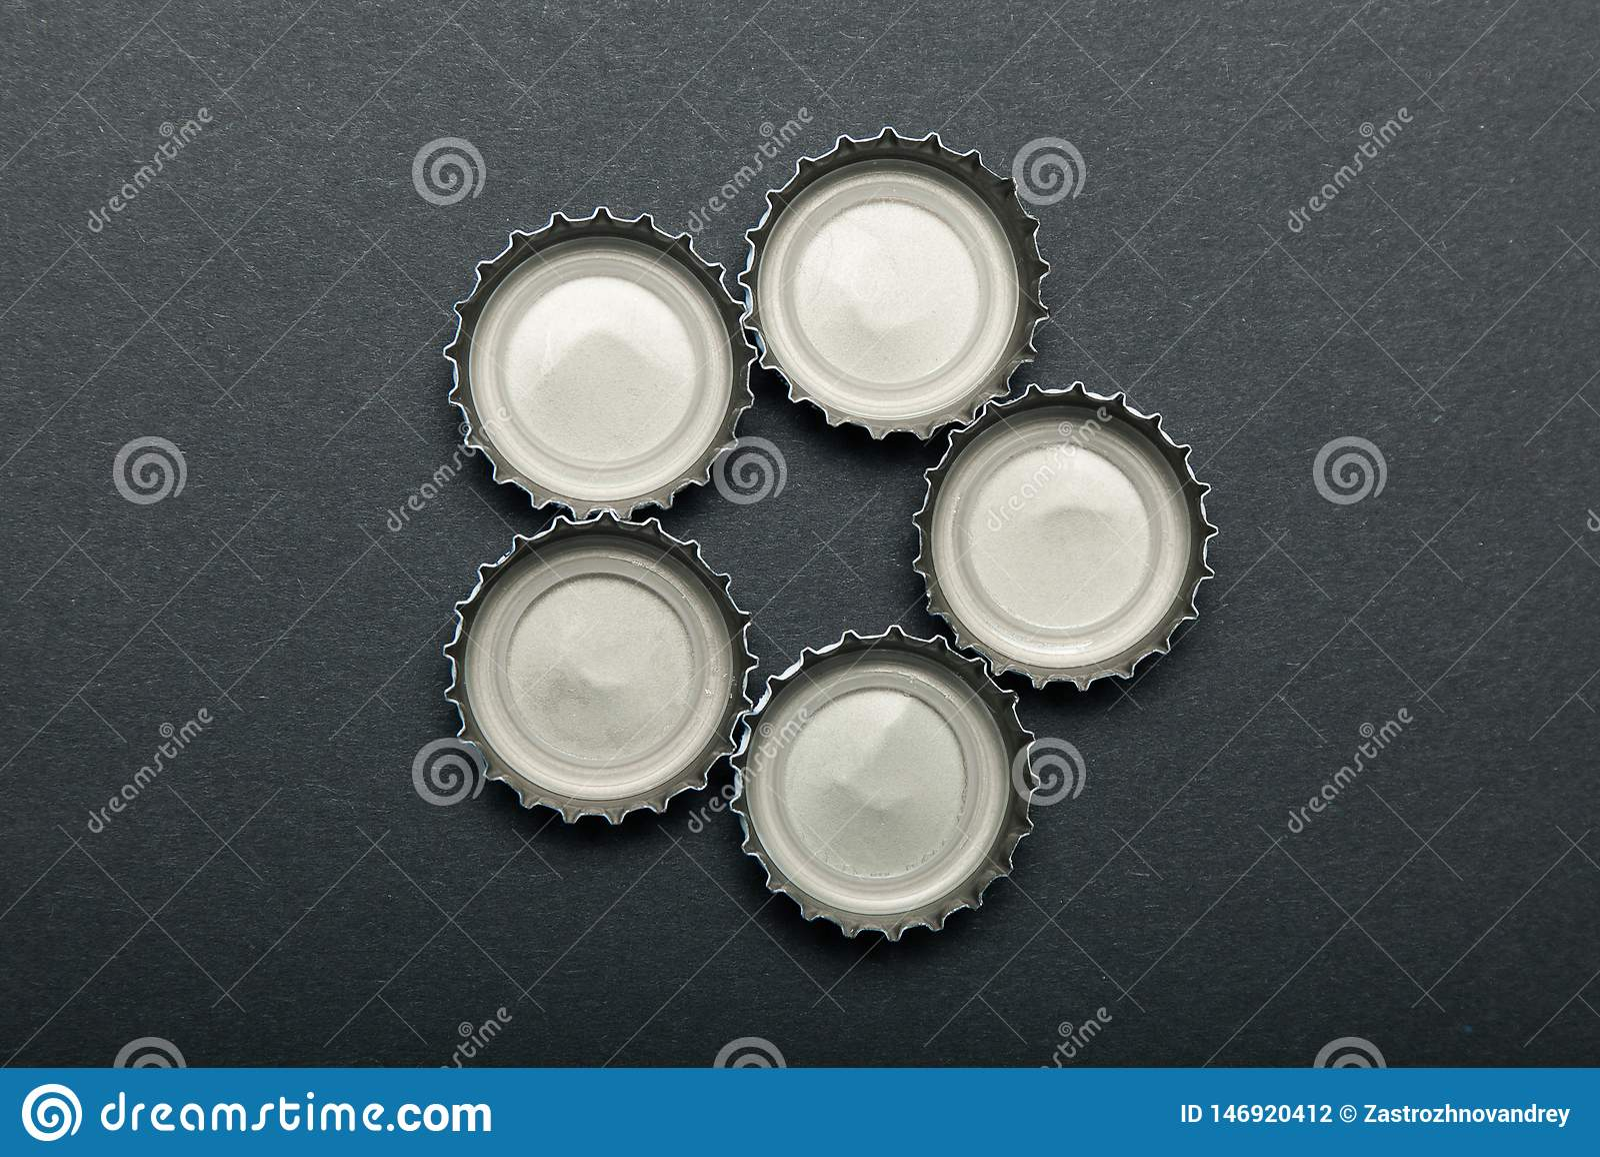 Beer bottle caps, alcoholism, depression